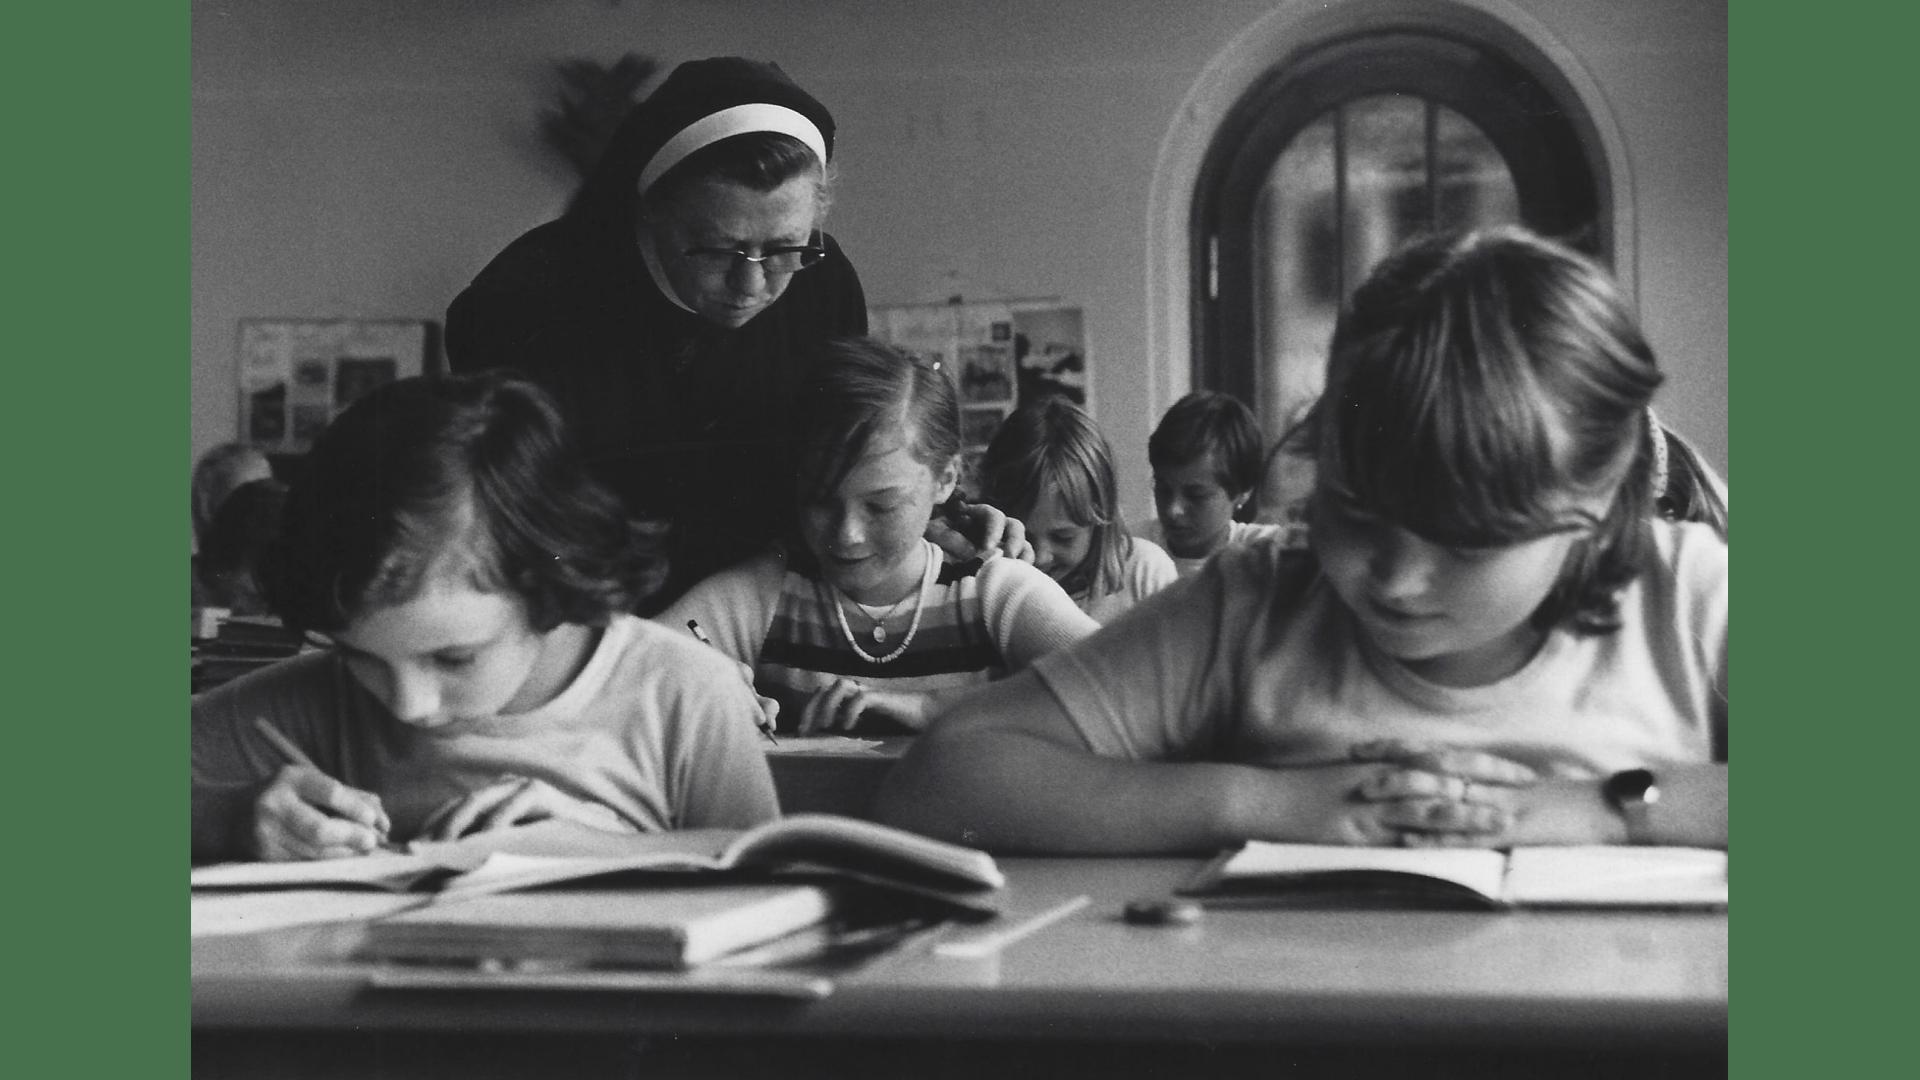 Schwester Sigismunda kümmert sich mit viel Liebe um die Förderschüler. Foto: Archiv Arme Schulschwestern